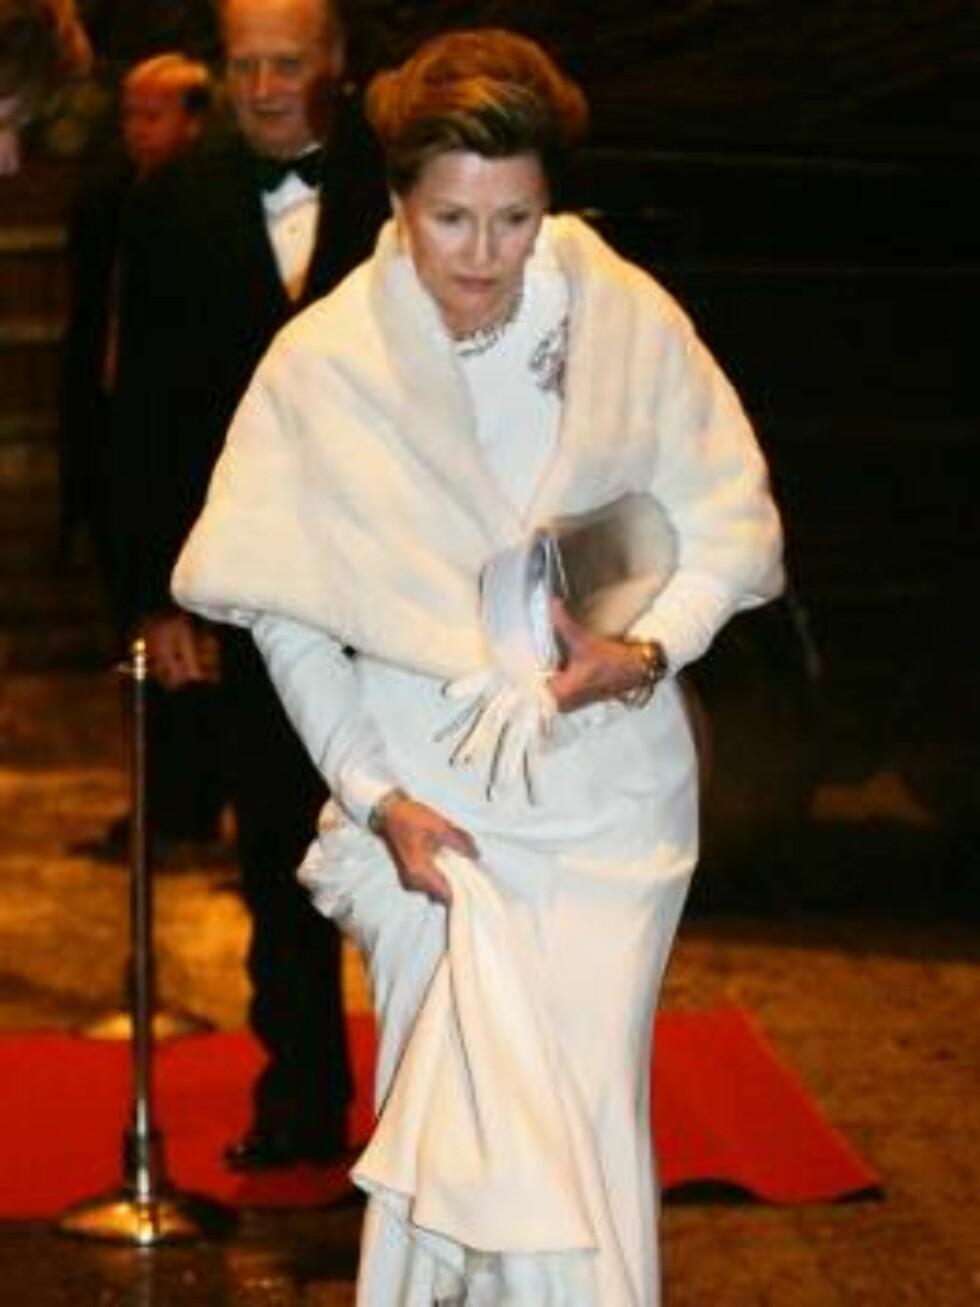 OSLO 20070223: Dronning Sonja forlater festforestillingen i Oslo rådhus fredag kveld. Hun fikk store problemer med å komme seg tørrskodd til bussen. Foto: Lise Åserud / SCANPIX / POOL      Foto: SCANPIX